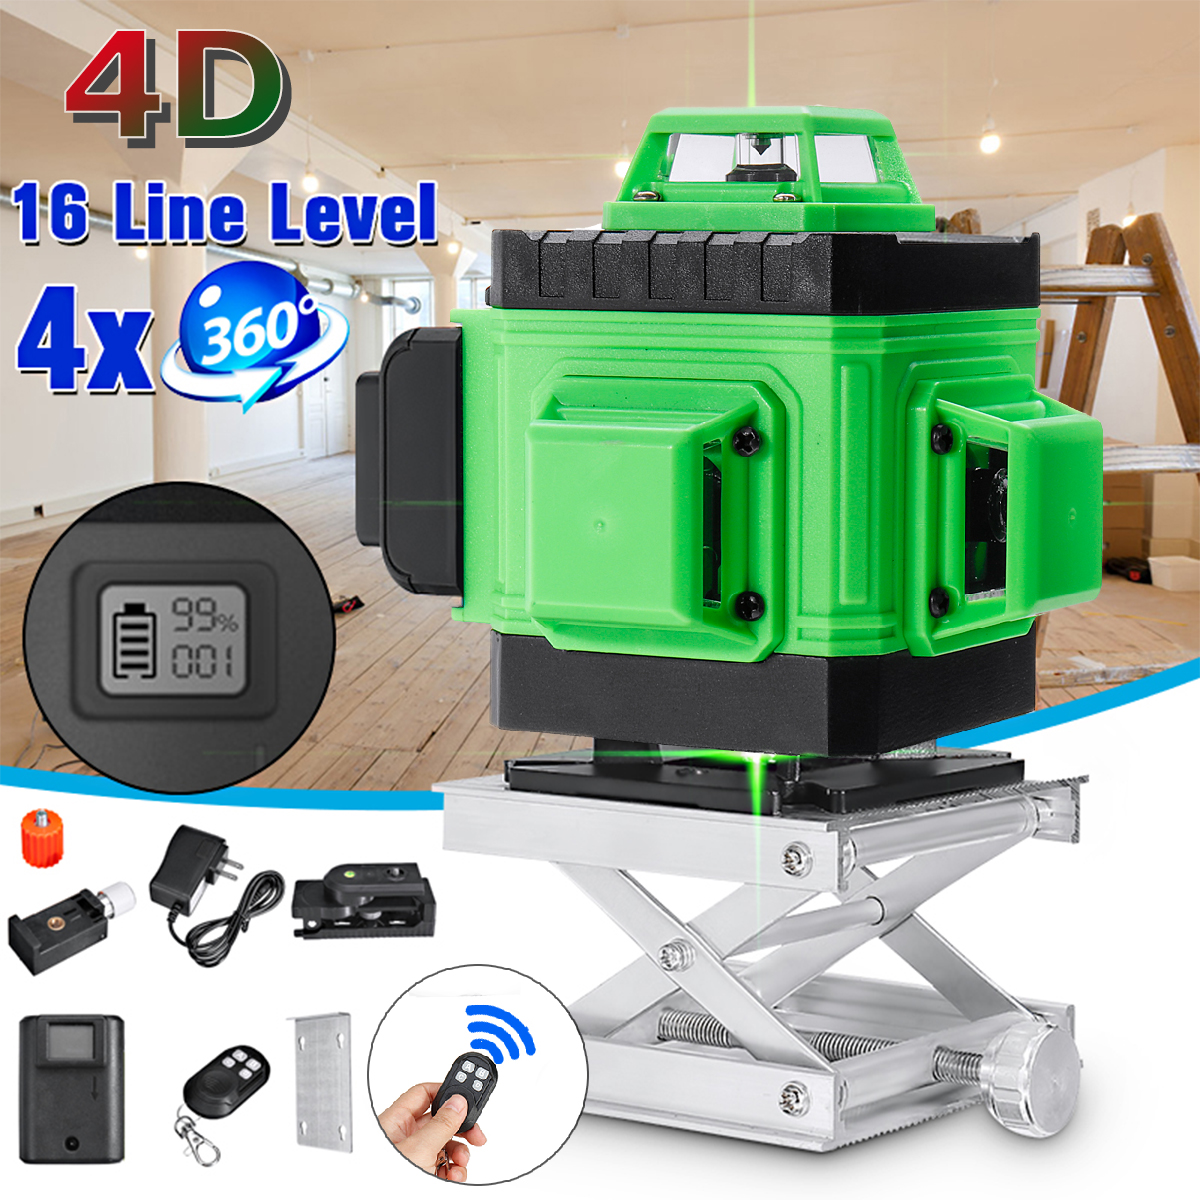 4D 16 zielone linie statyw z poziomicami laserowymi samopoziomujący 360 poziome i pionowe krzyż wysokiej, możesz o nich nadmienić na świeżym powietrzu laser o dużej mocy wiązki